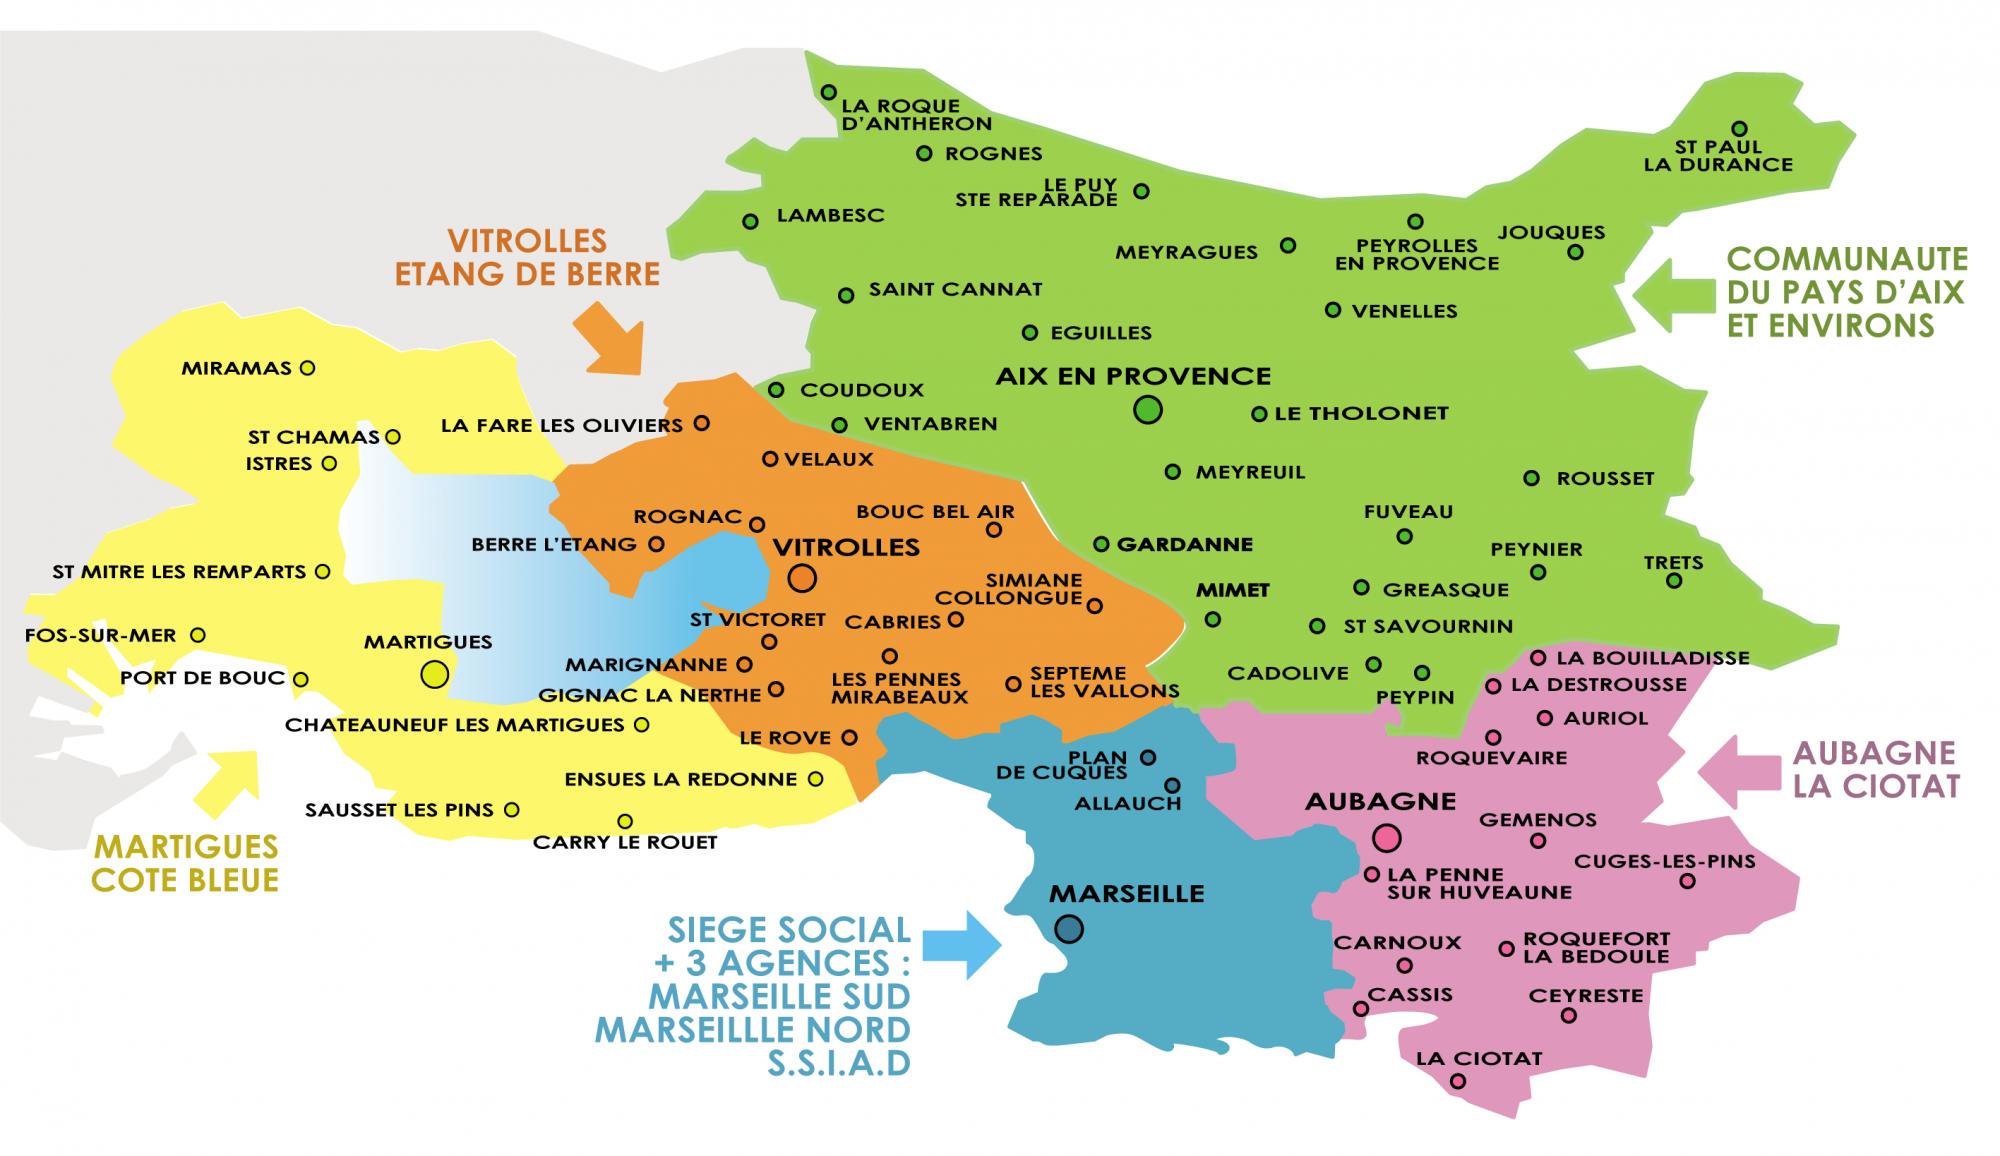 Aide et assistance à domicile : ARCADE, un large secteur d'intervention dans les Bouches du Rhône